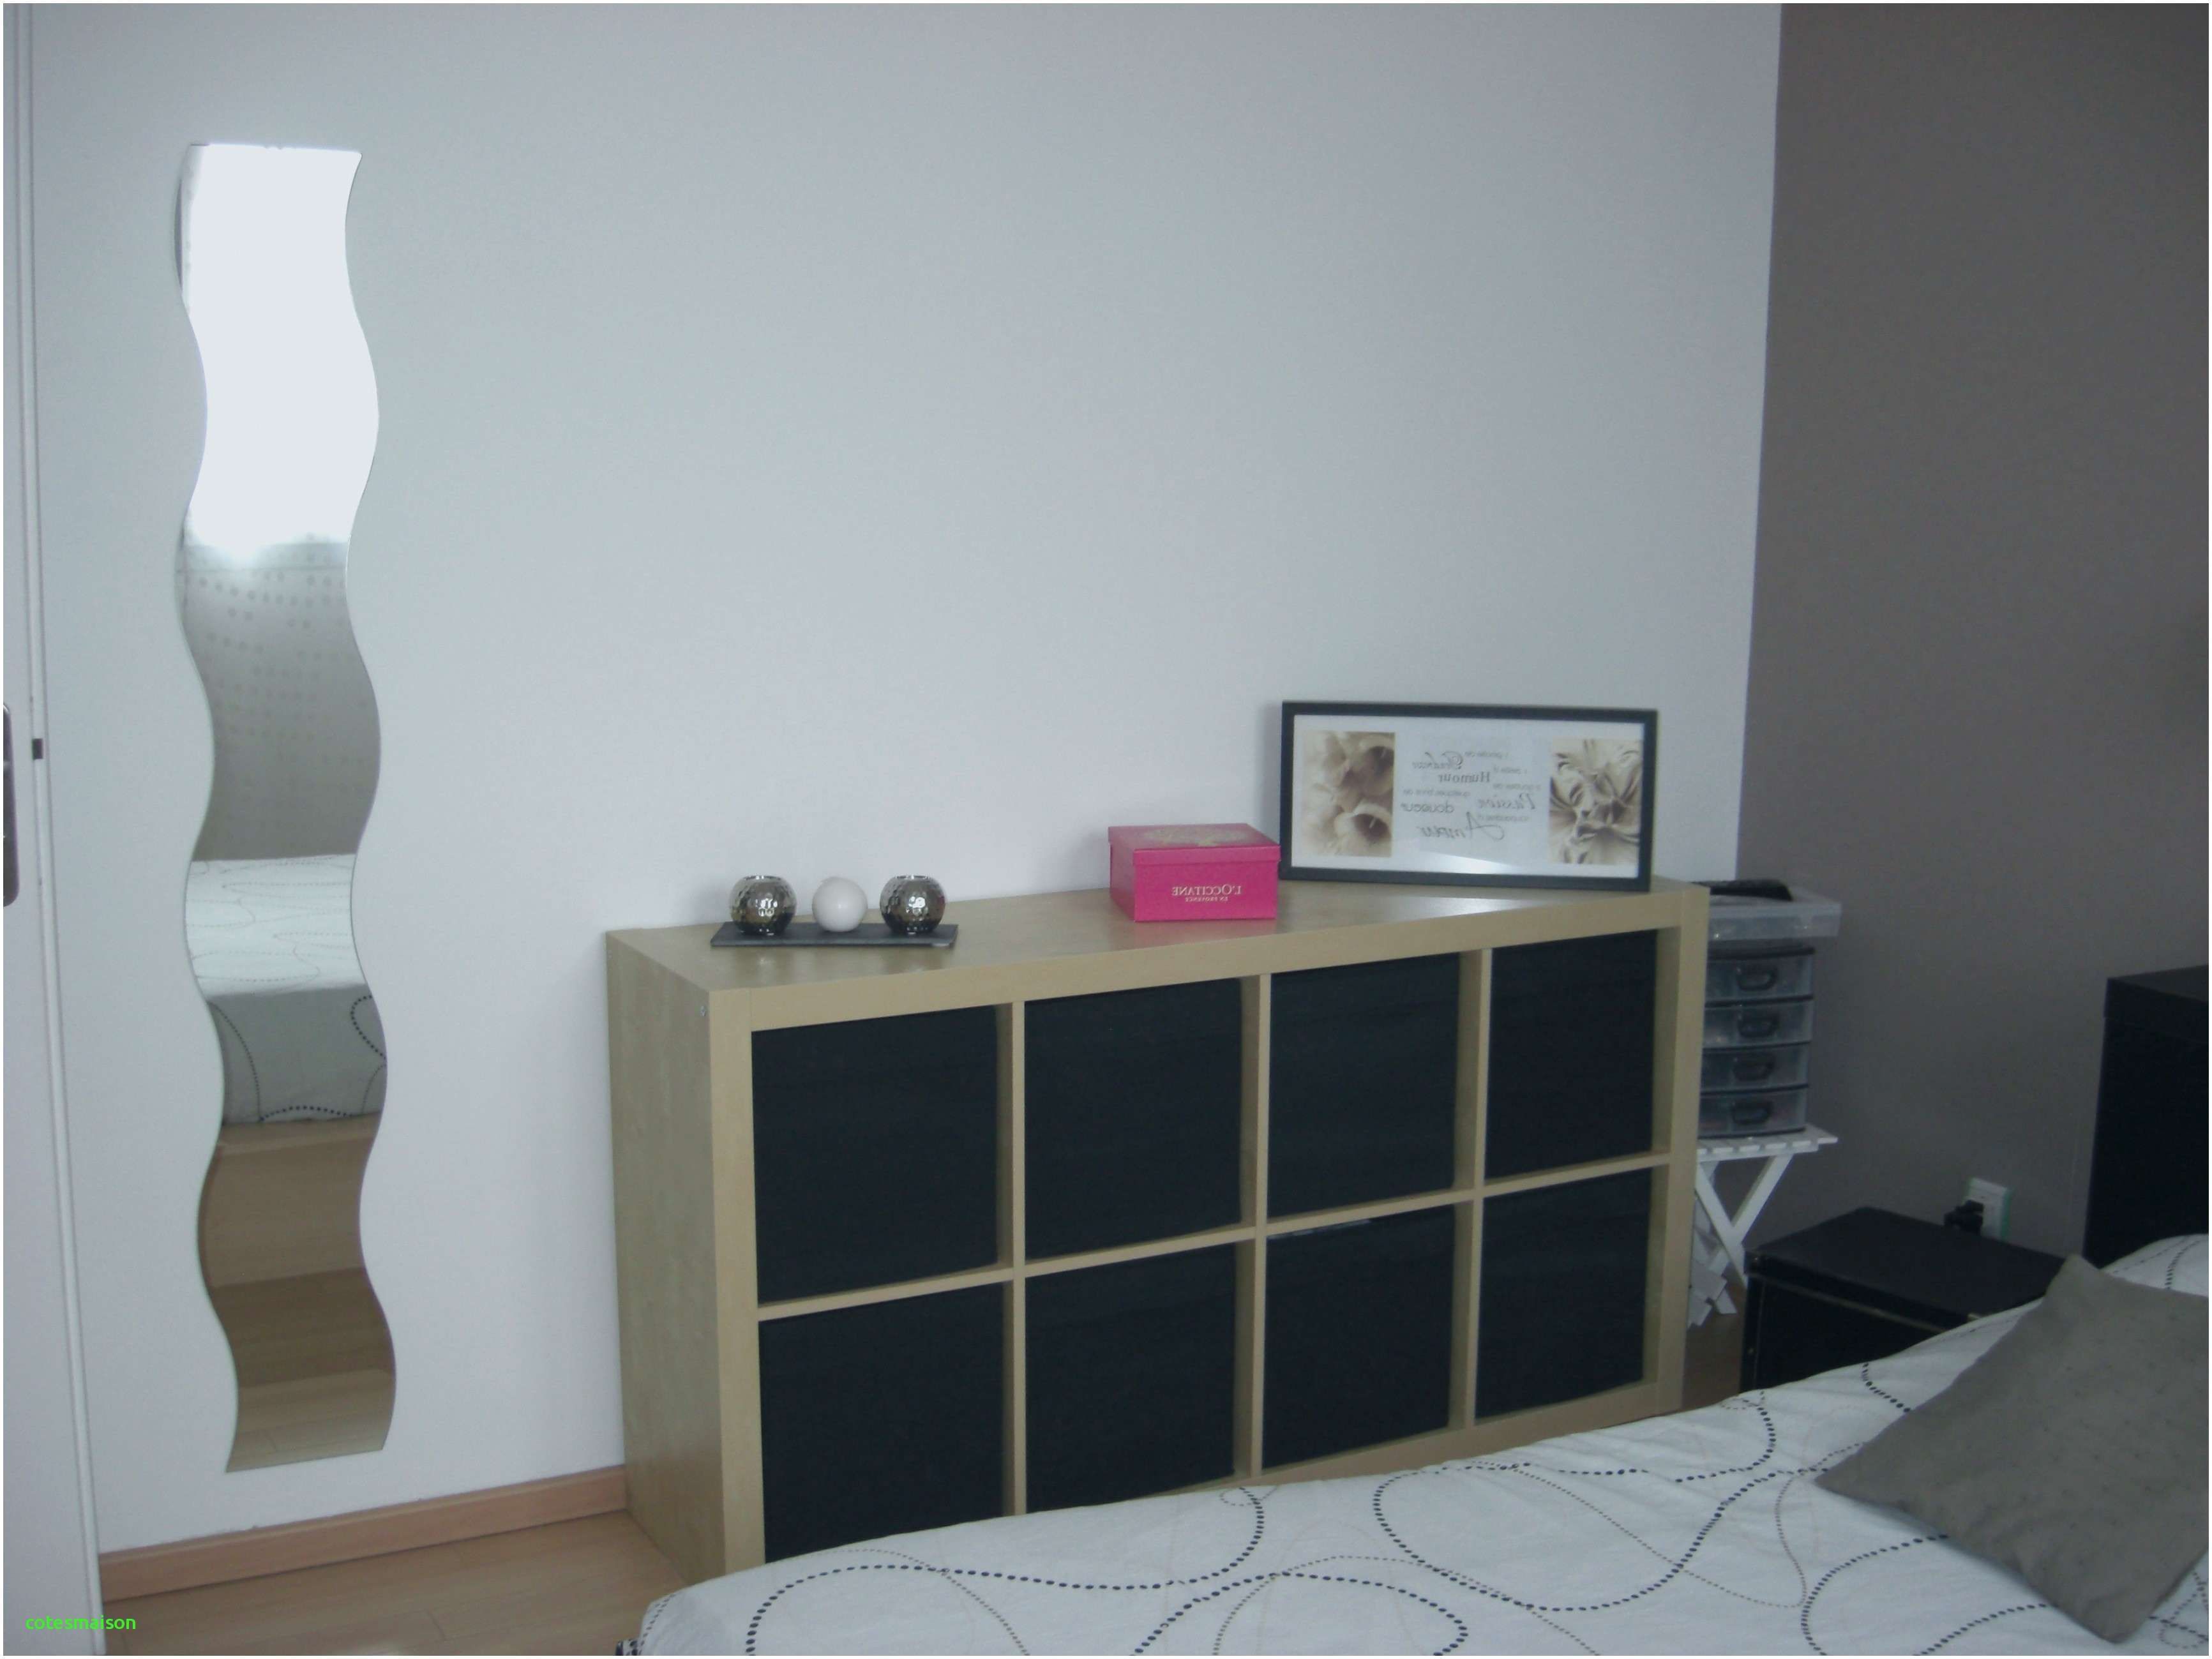 Tete De Lit Beige Nouveau Inspiré Chambre Decoration Taupe Blanc Beige Bois Diy Tete Lit